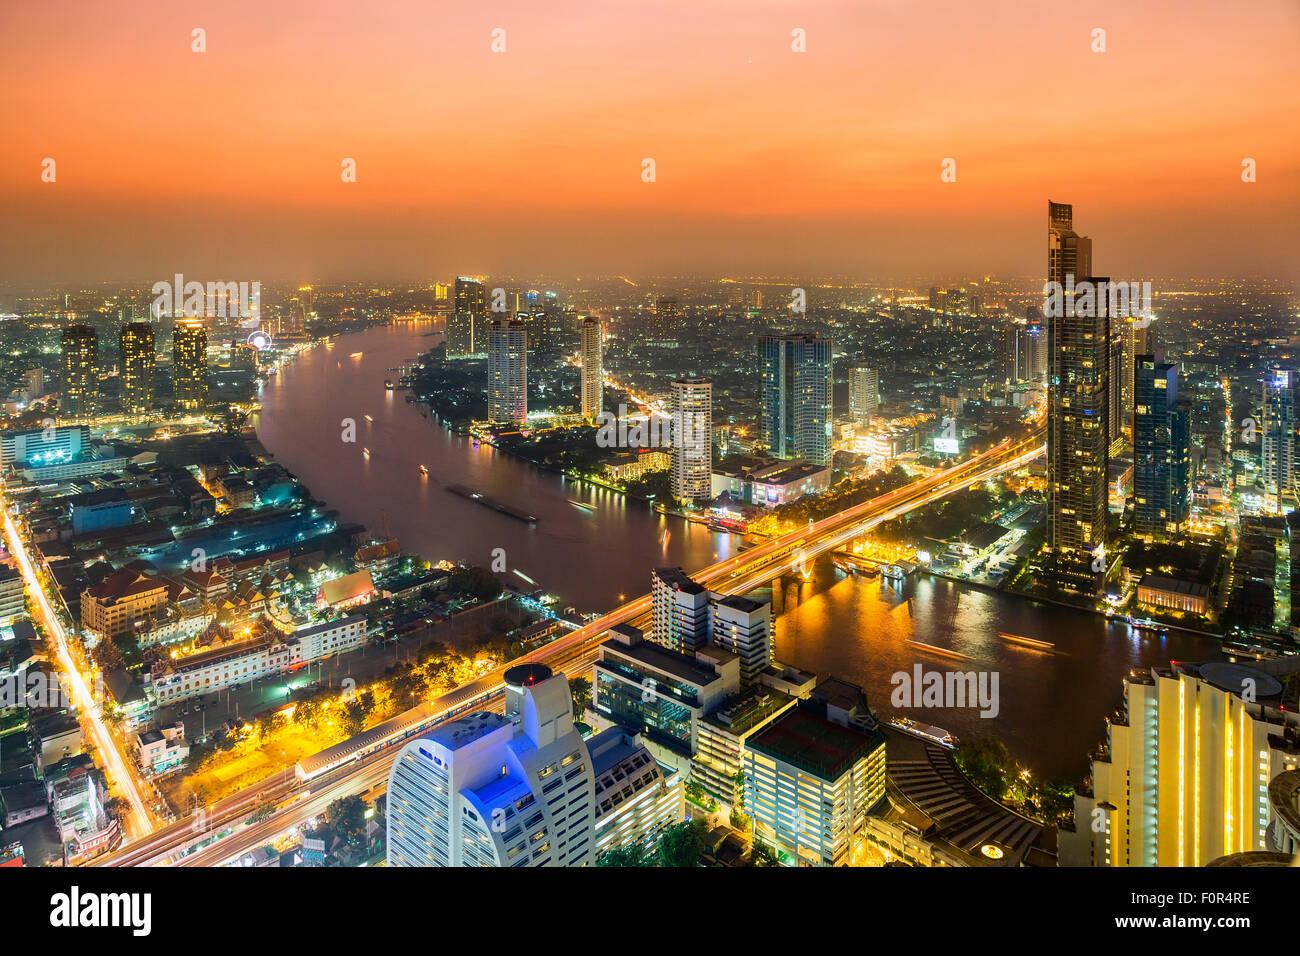 Tailandia, el horizonte de Bangkok Imagen De Stock